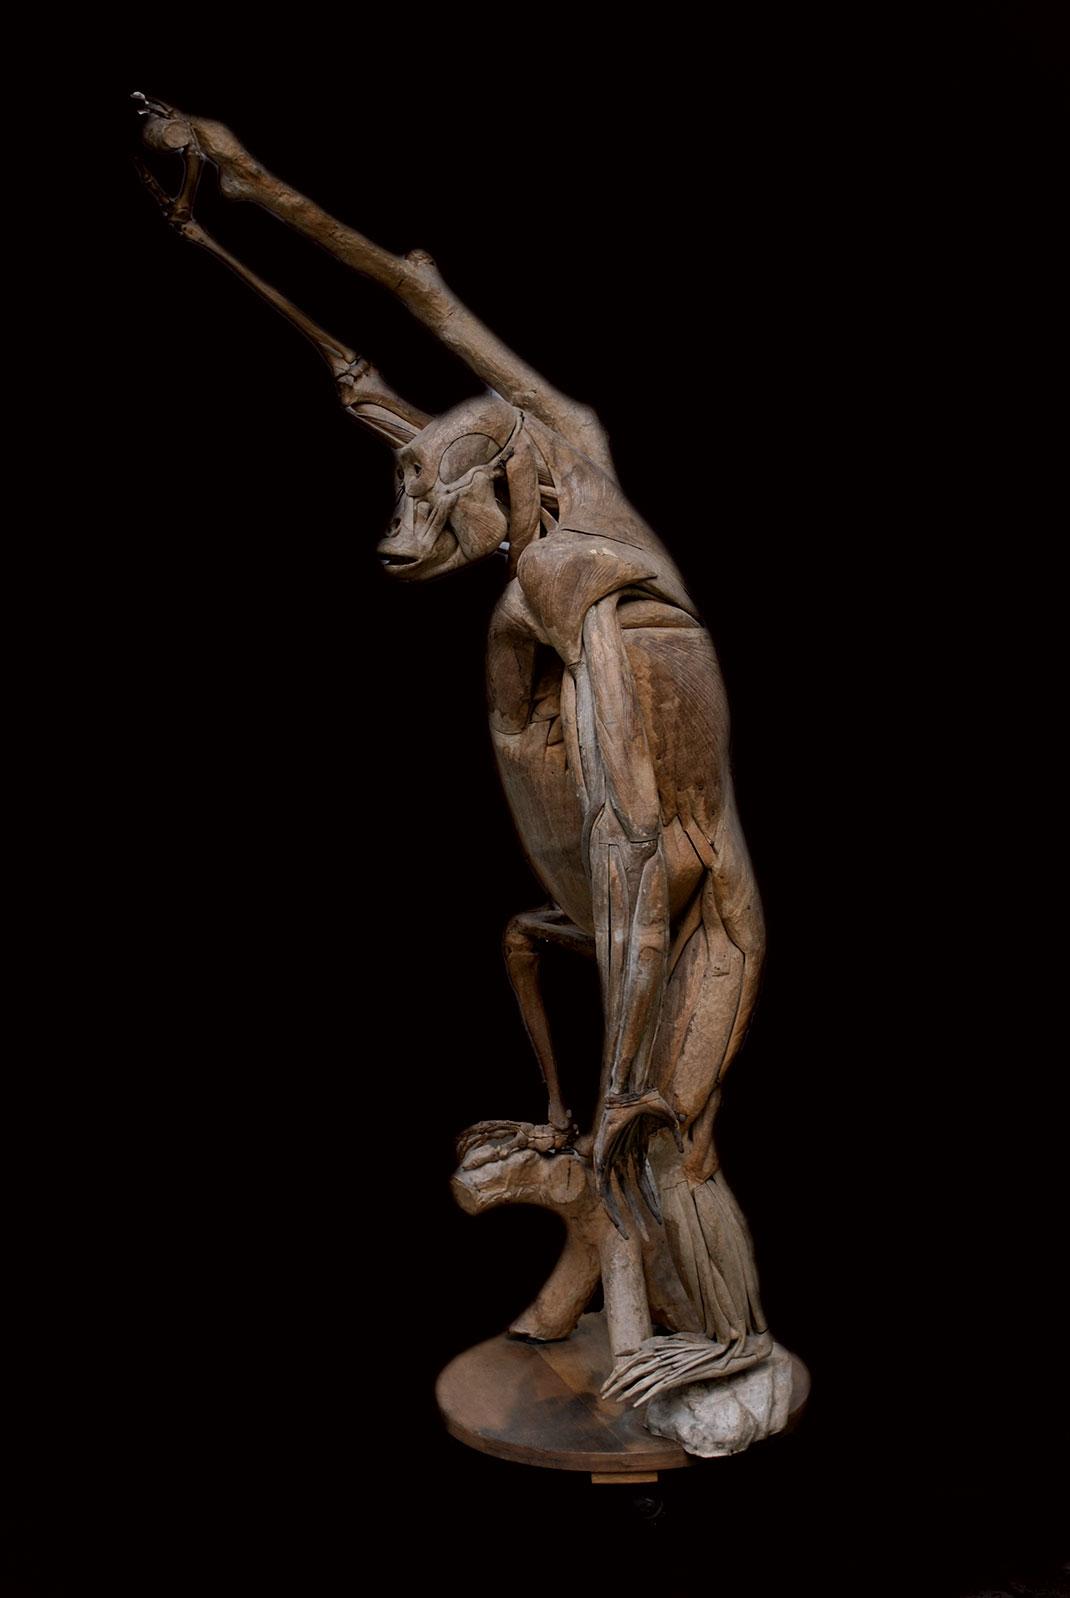 22-modele-anatomique-papier-mache